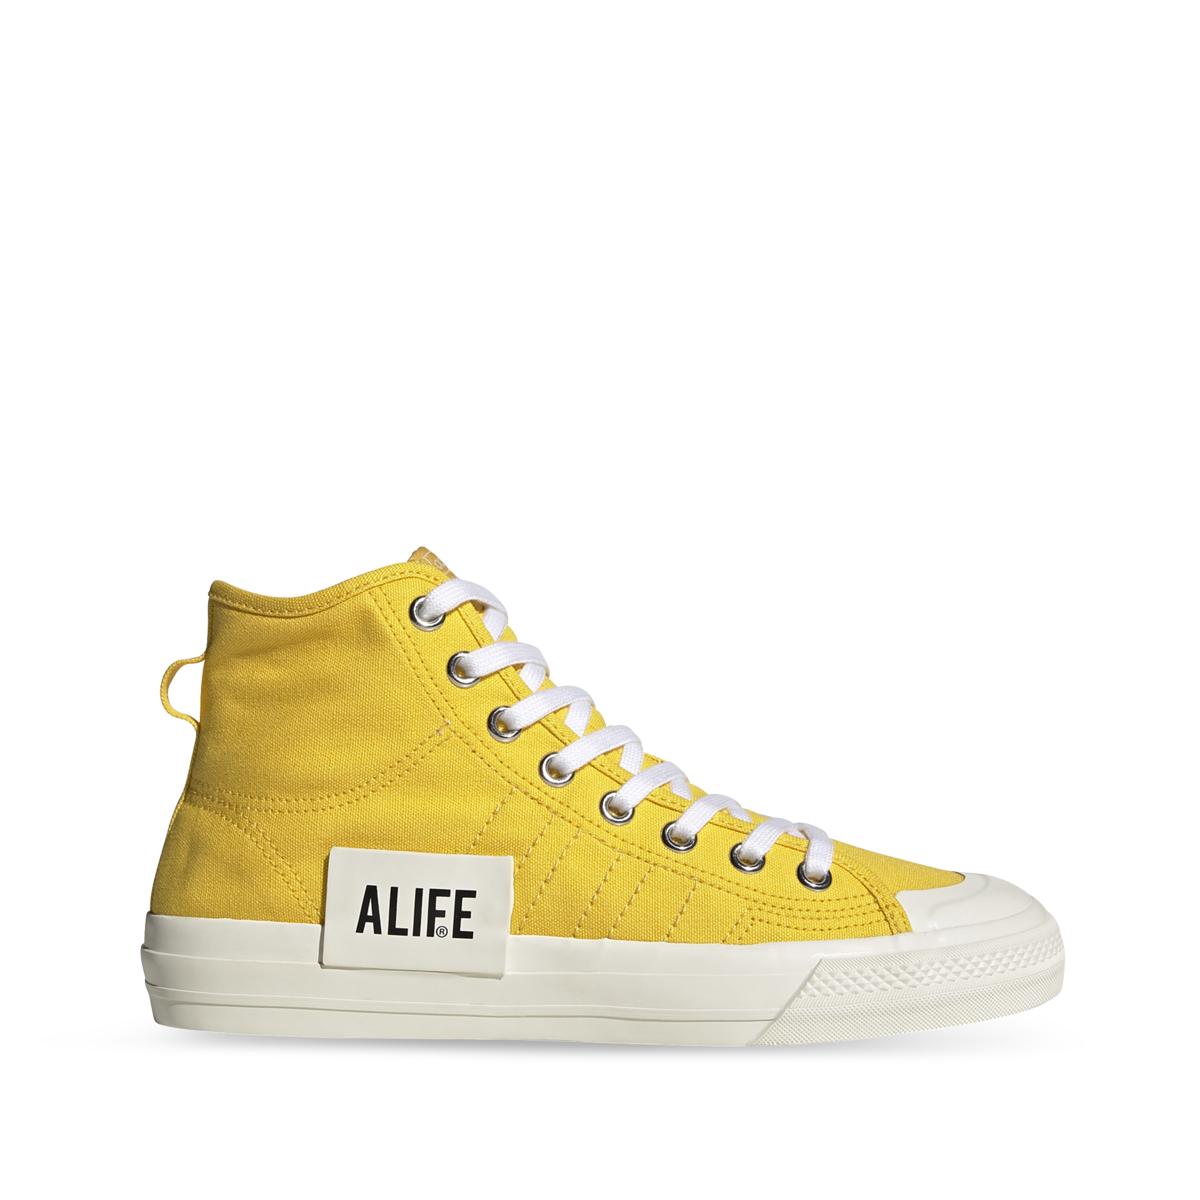 adidas X Alife Nizza Hi Yellow Right